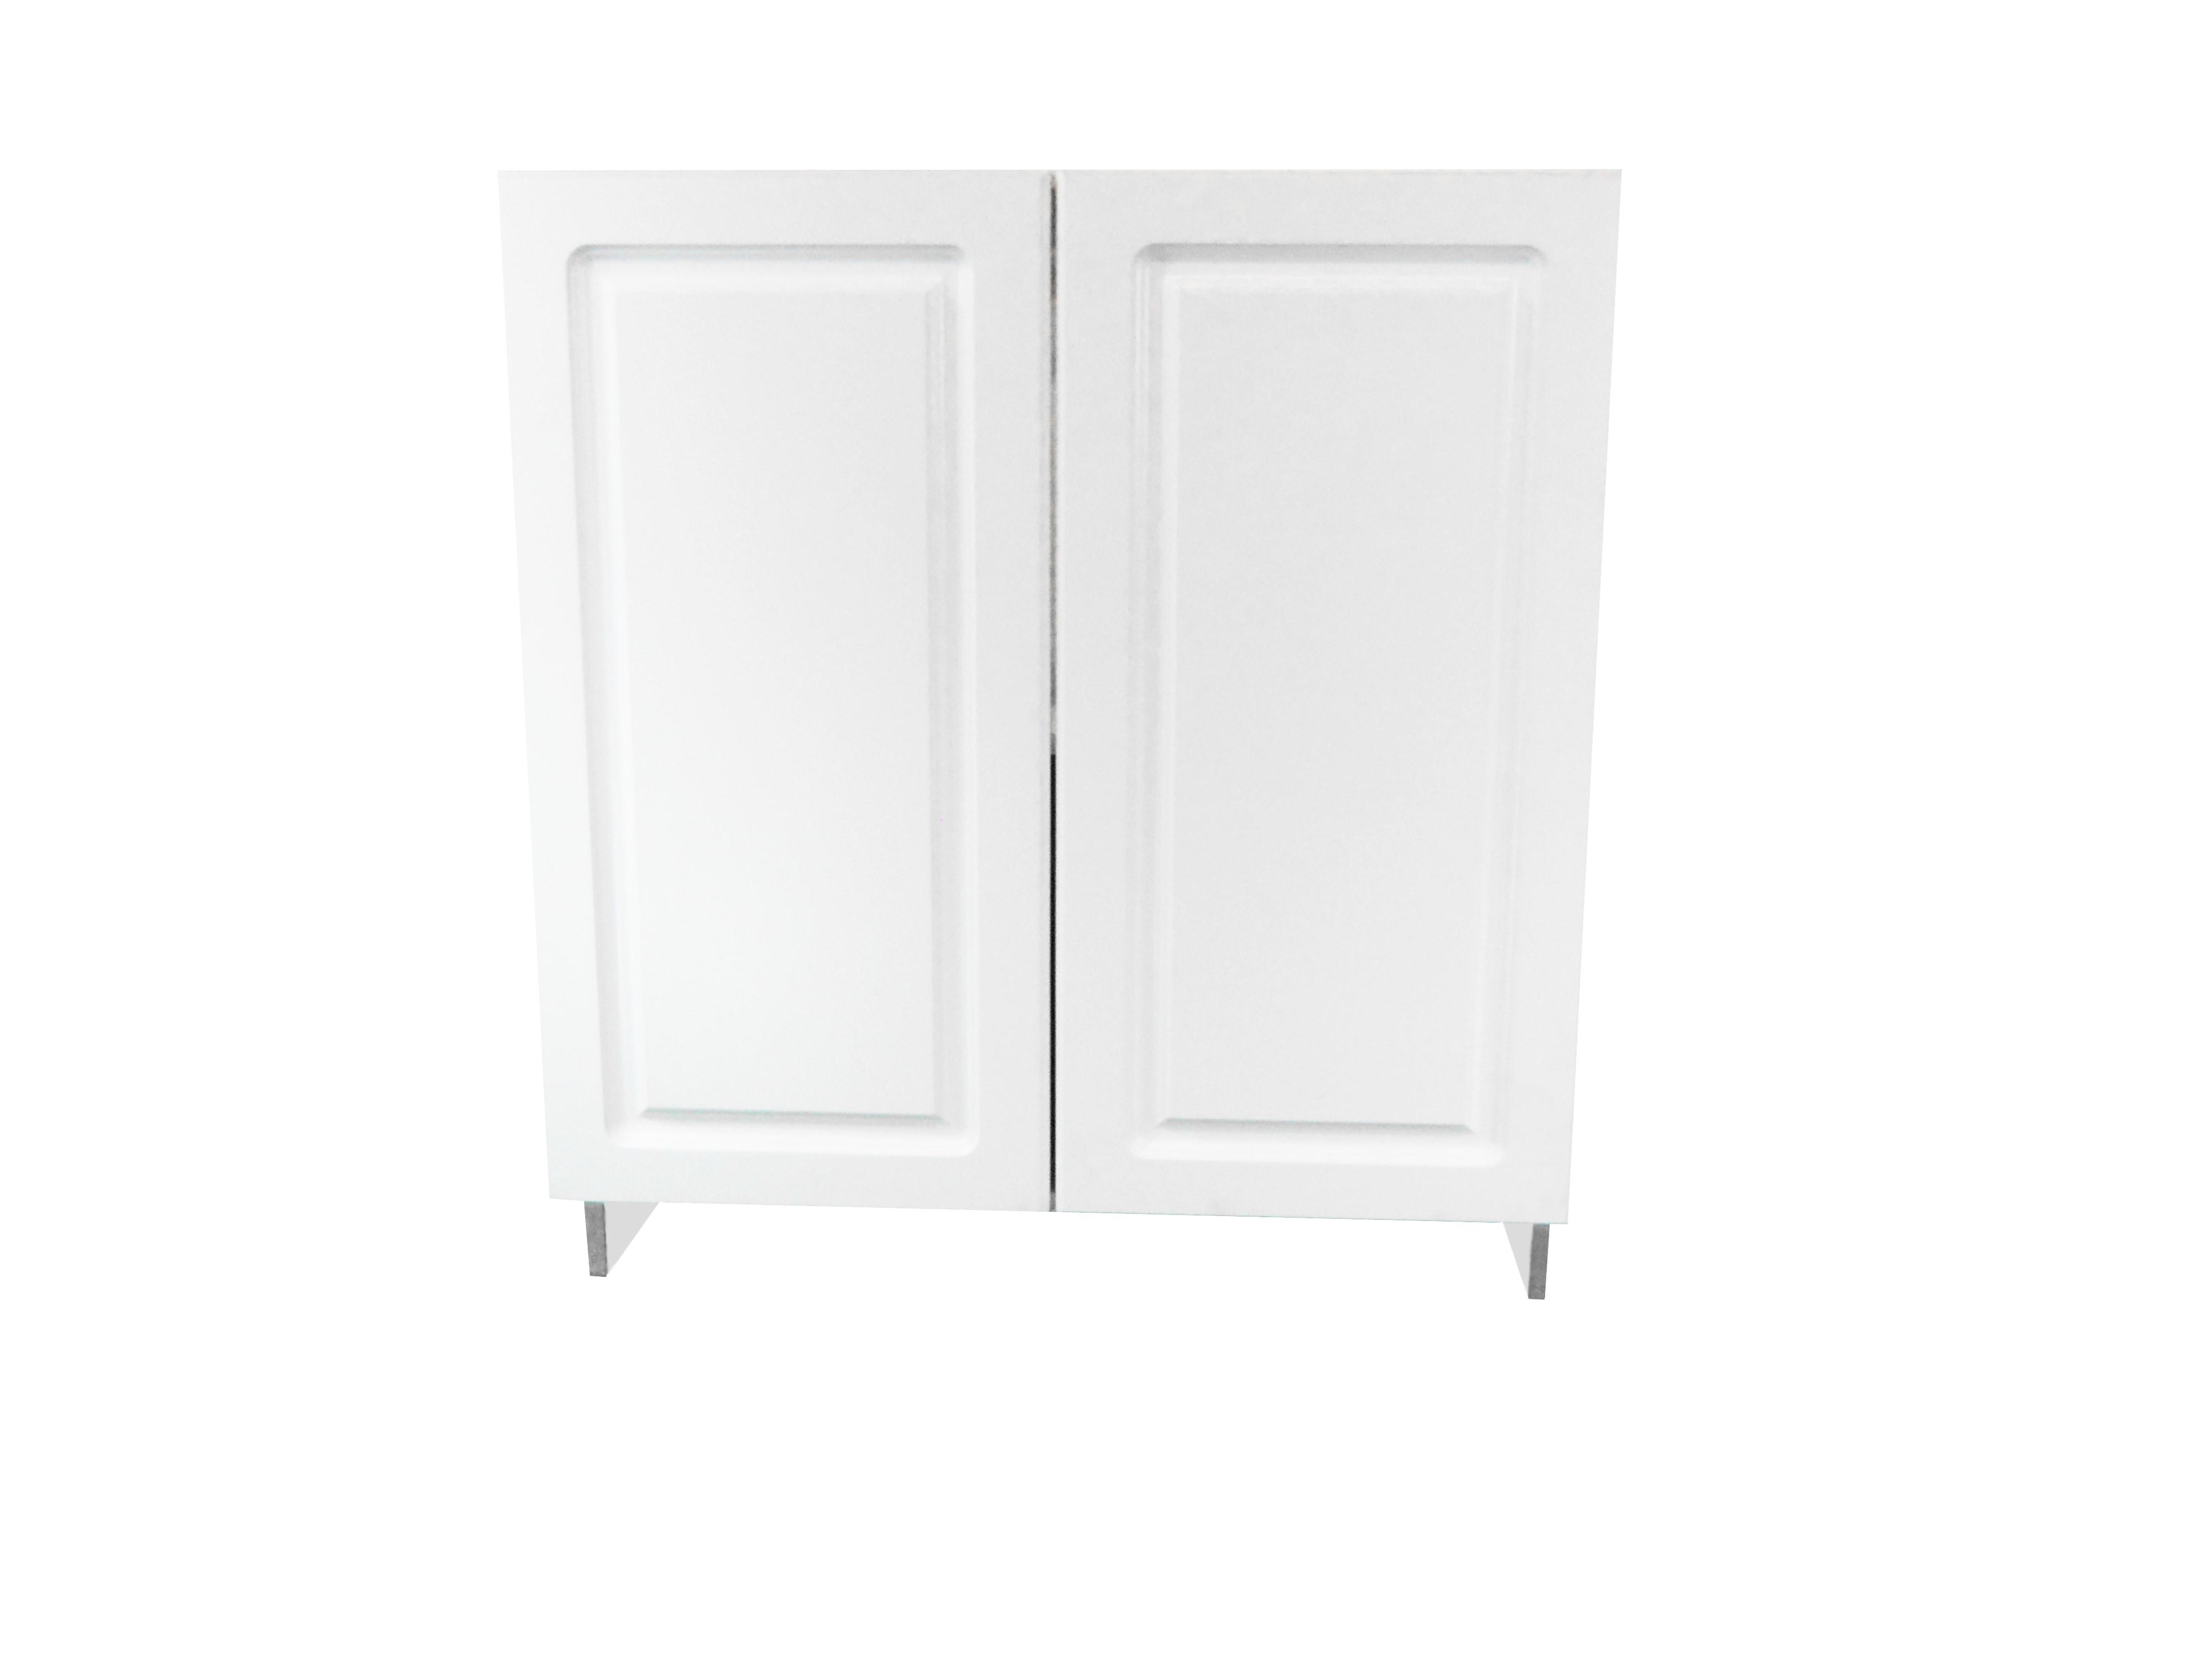 Base Cabinet With 2 Door / San Juan / Raised Panel White / 36 San Juan 0